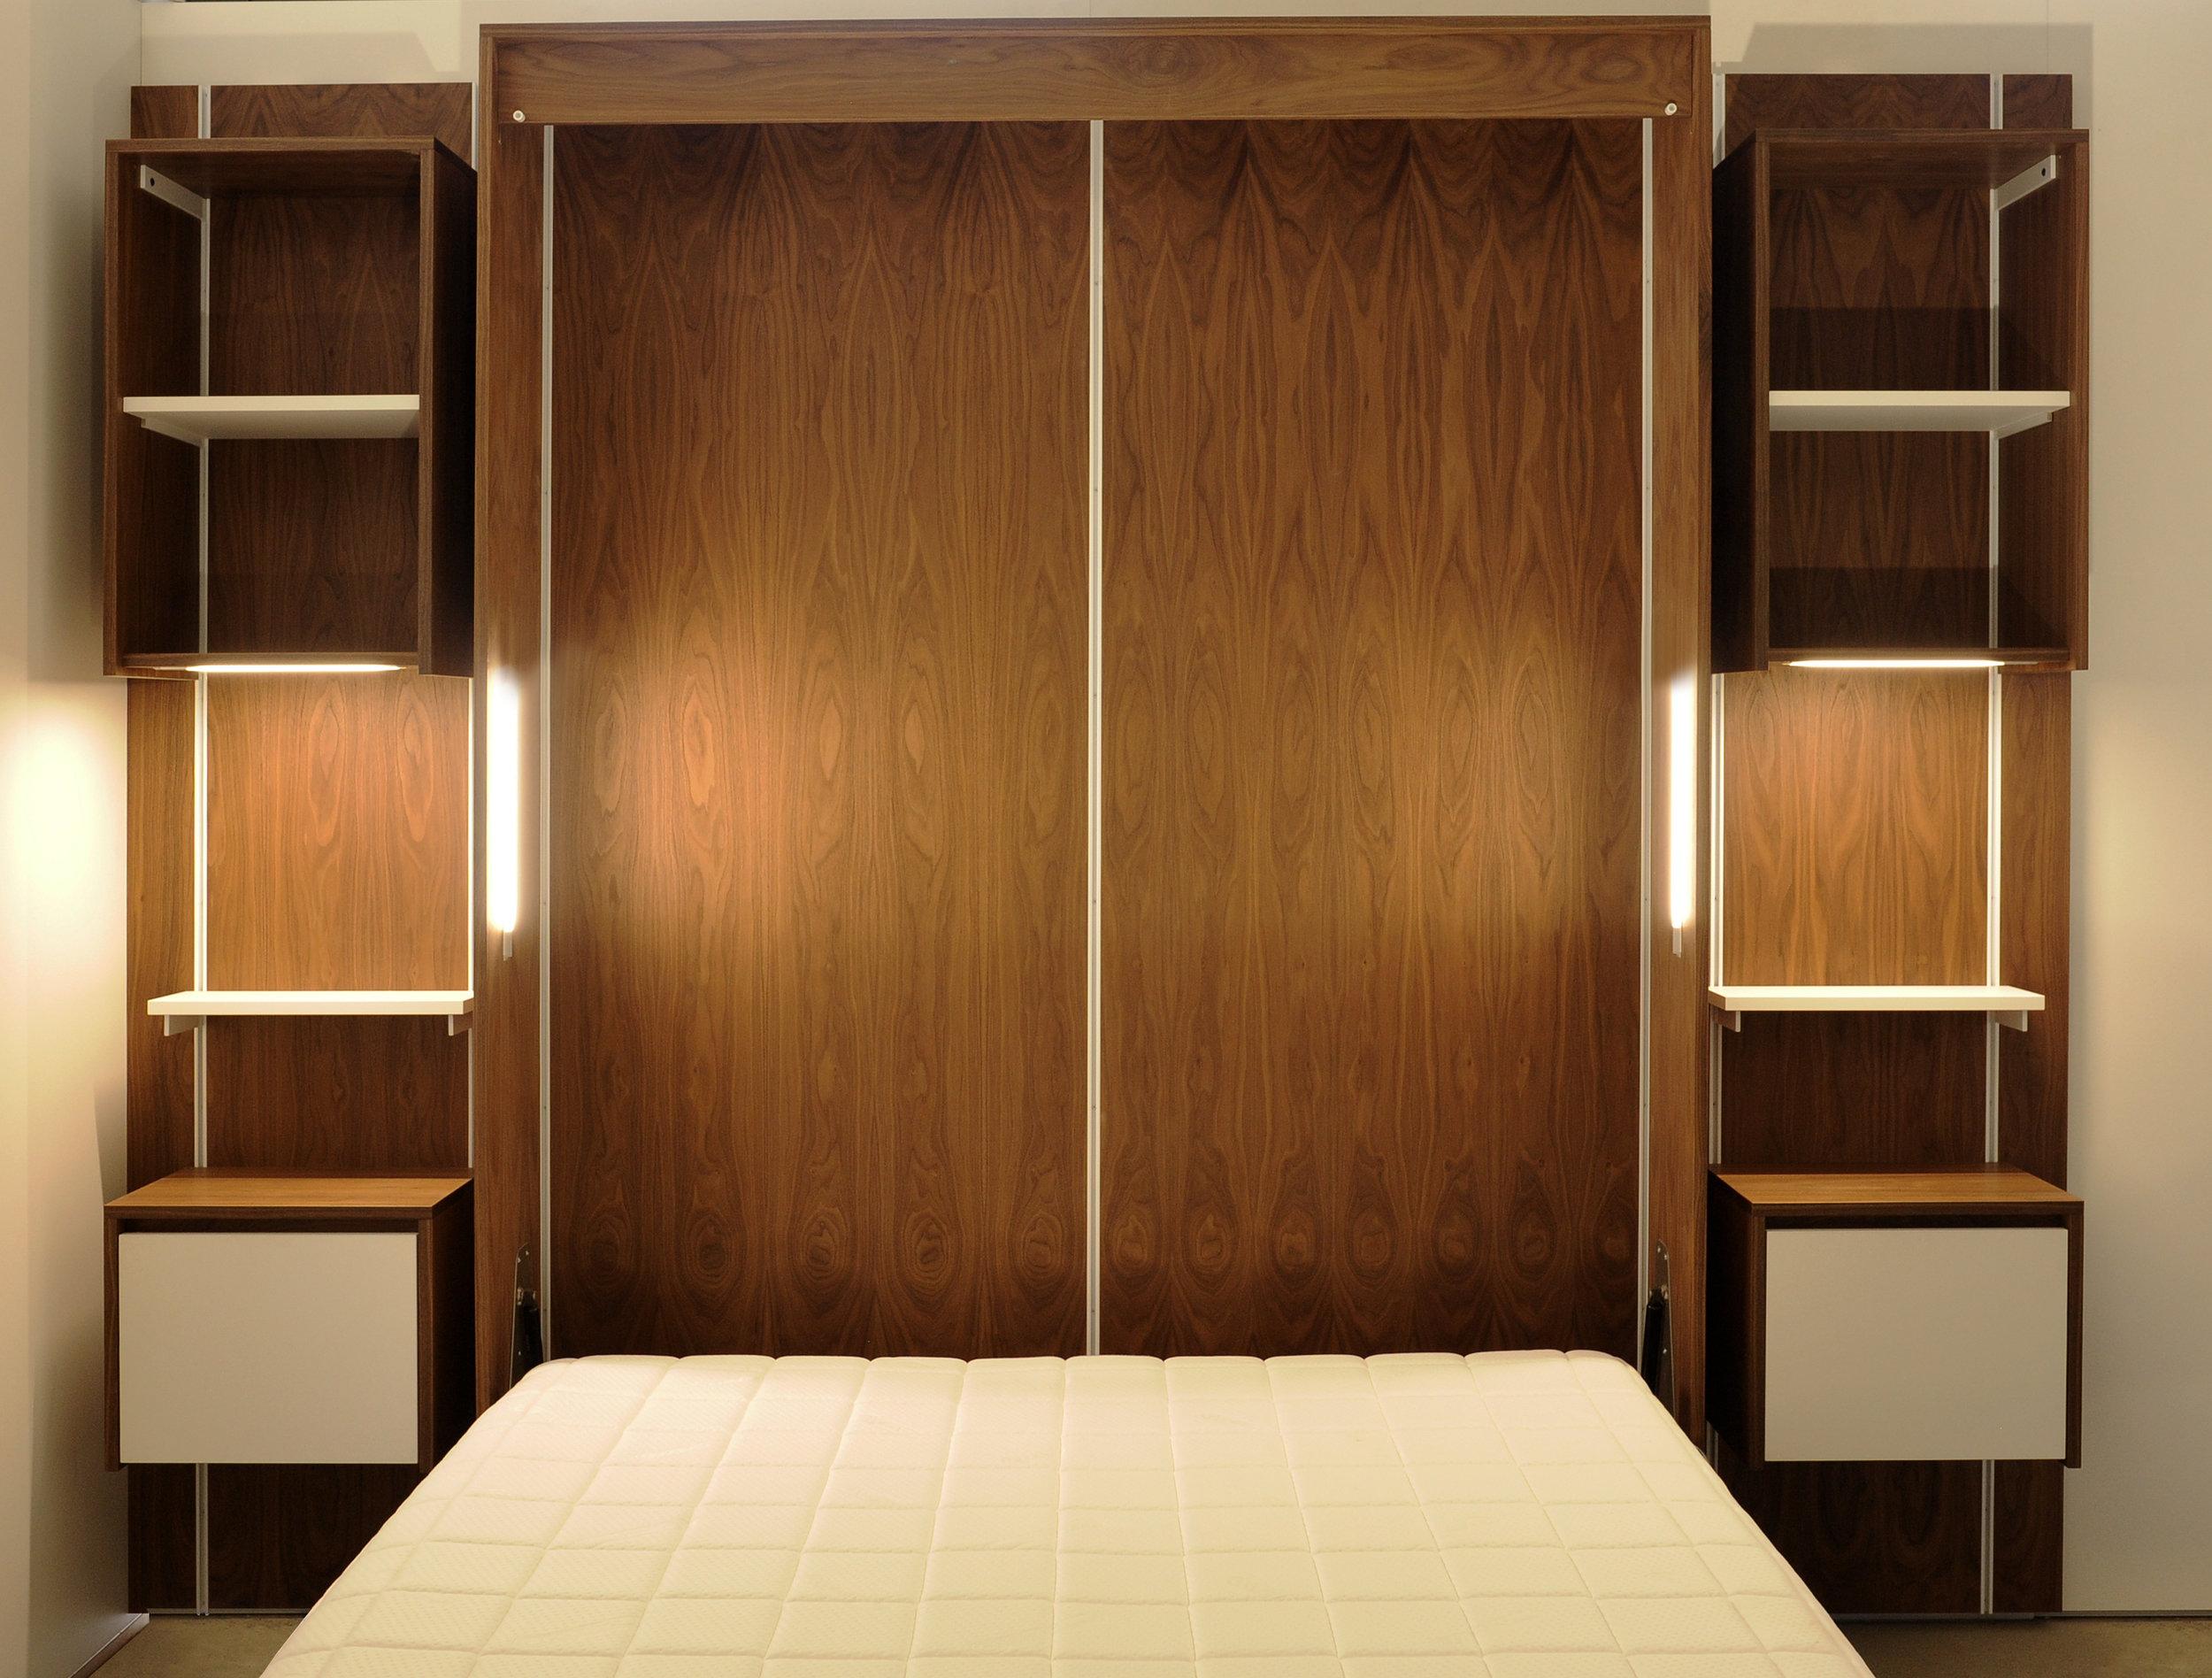 ATLAS Universal Wall System - eddy - modular, walnut, shelving, wall bed, cabinet, design, interior, bedroom.jpg